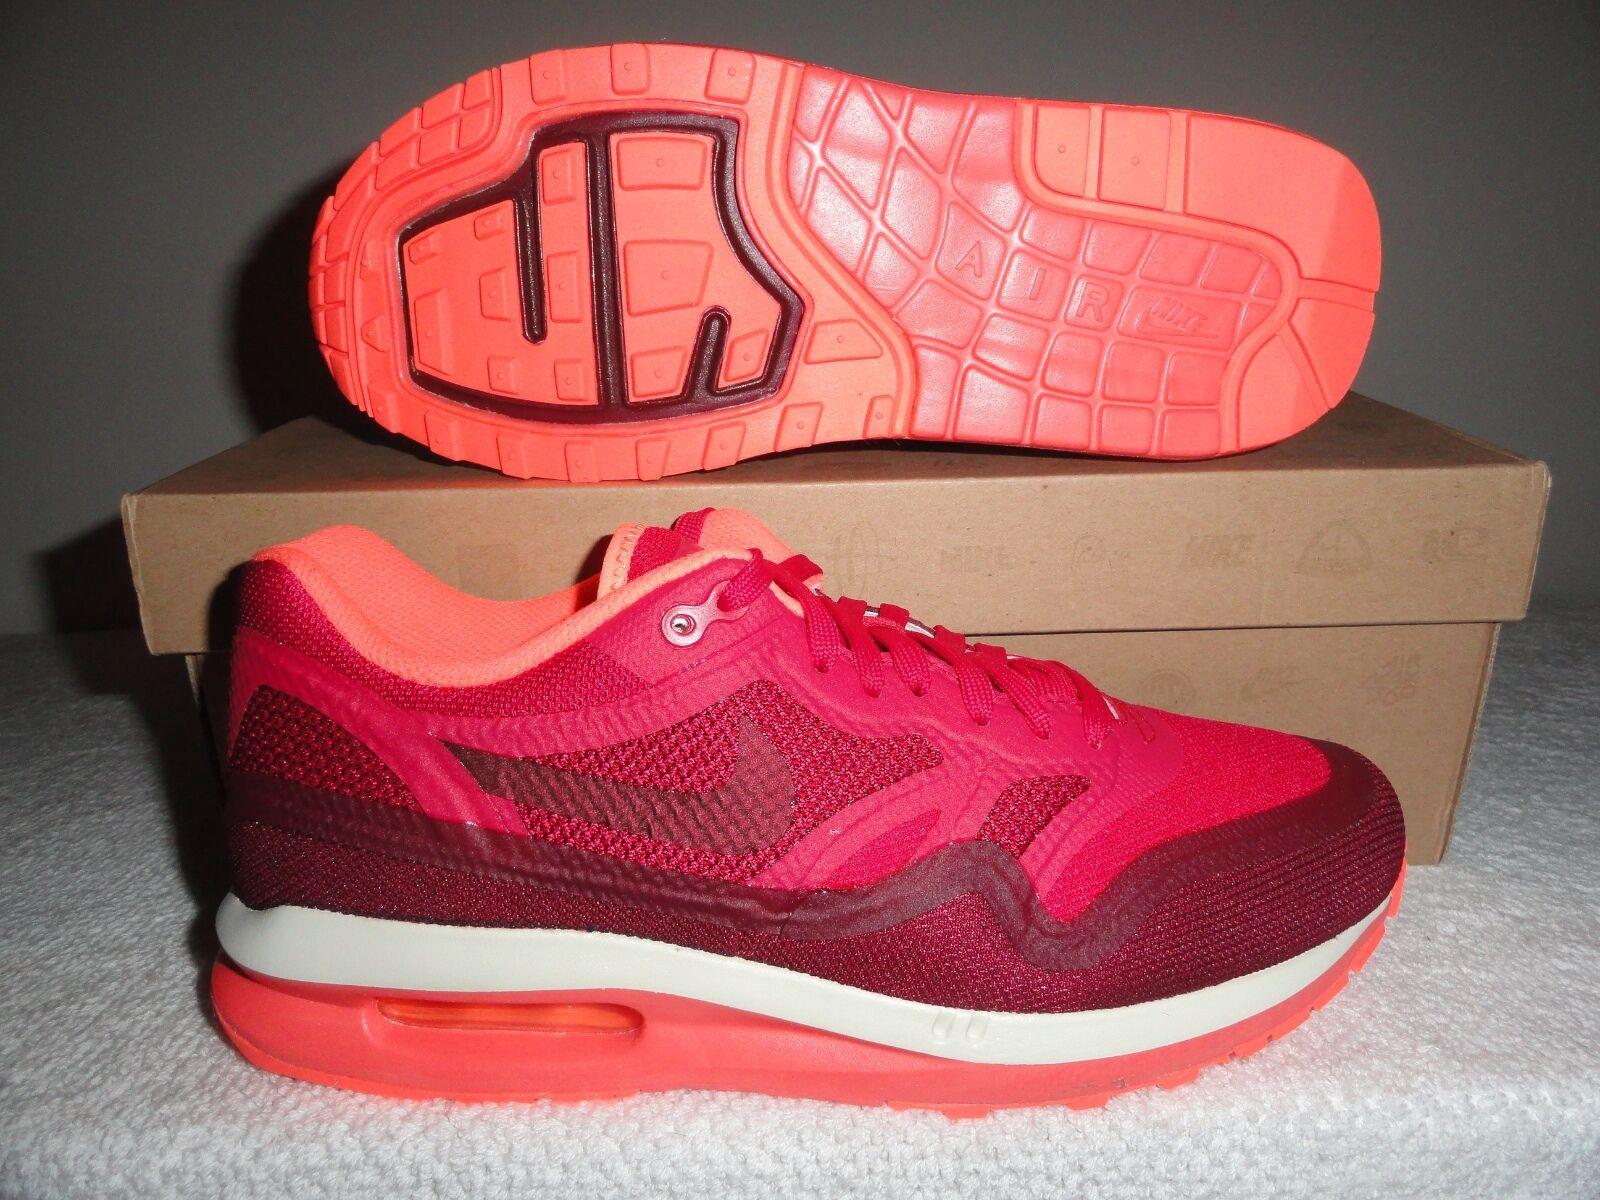 Nike Air Max Lunar 1 Women's Running Sneakers 11 (New)